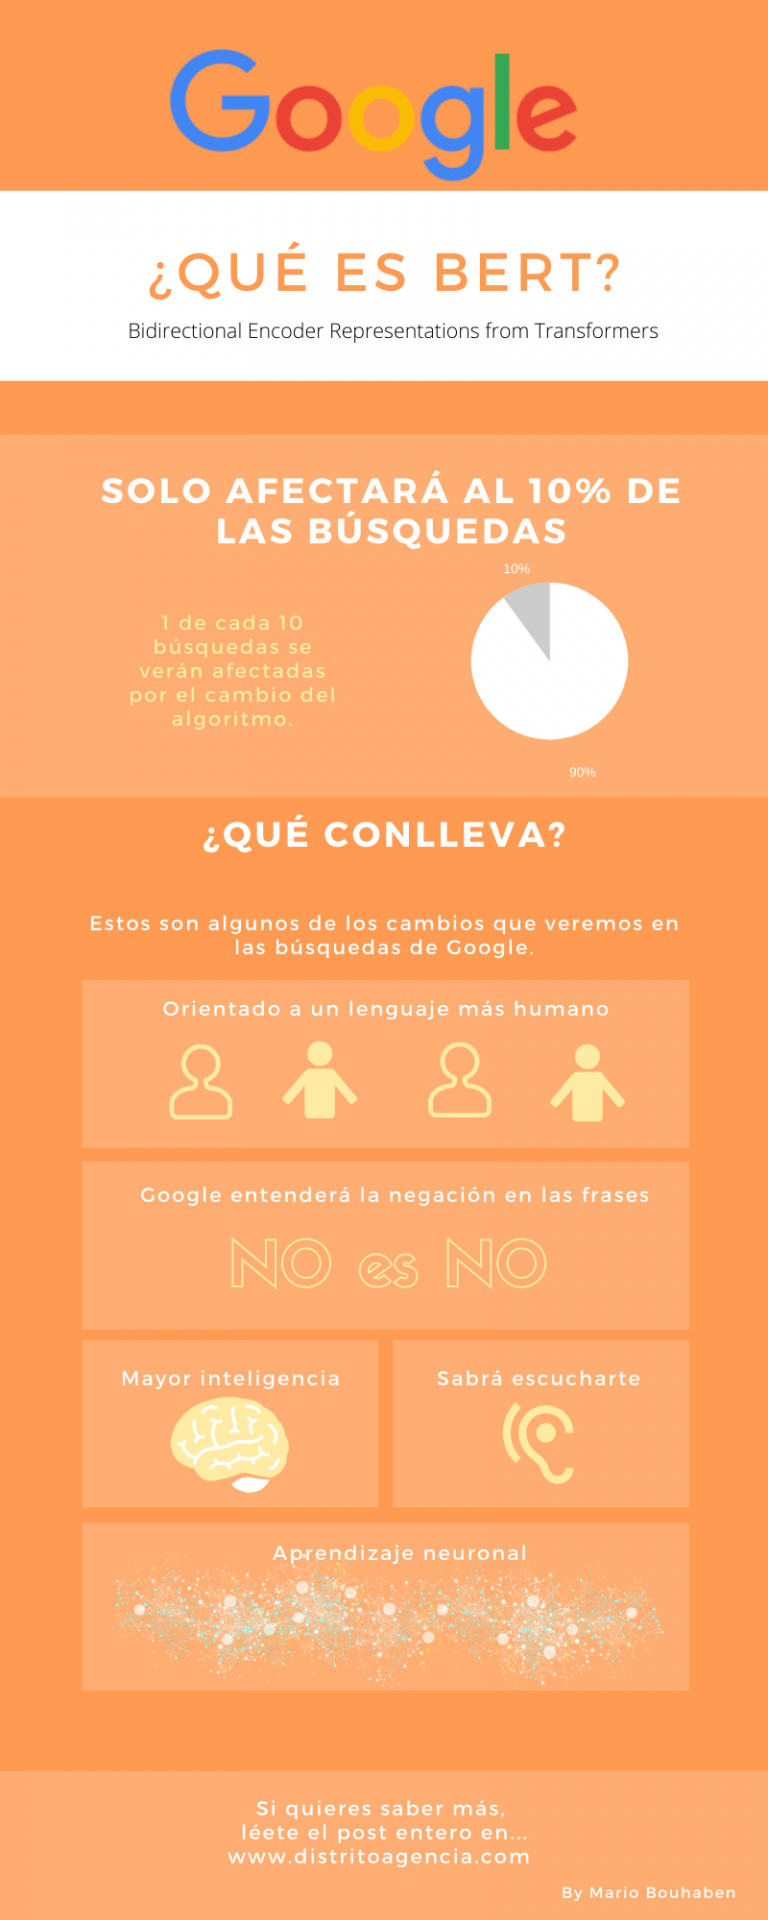 Actualización de Google Bert